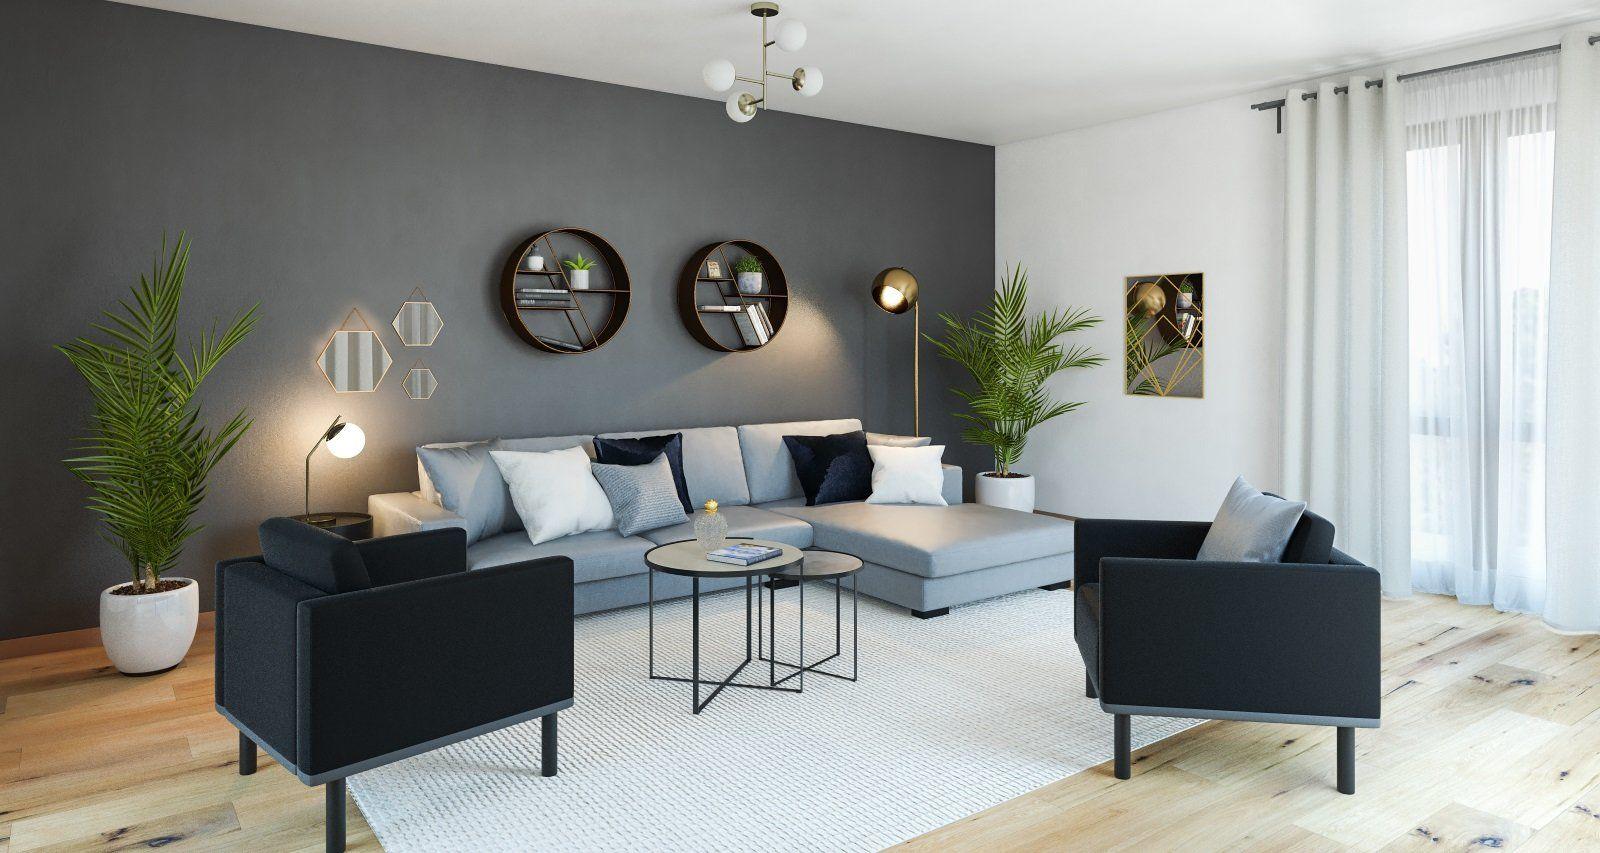 Salon Contemporain Scandinave Gris Blanc Noir Dore Bois Textile